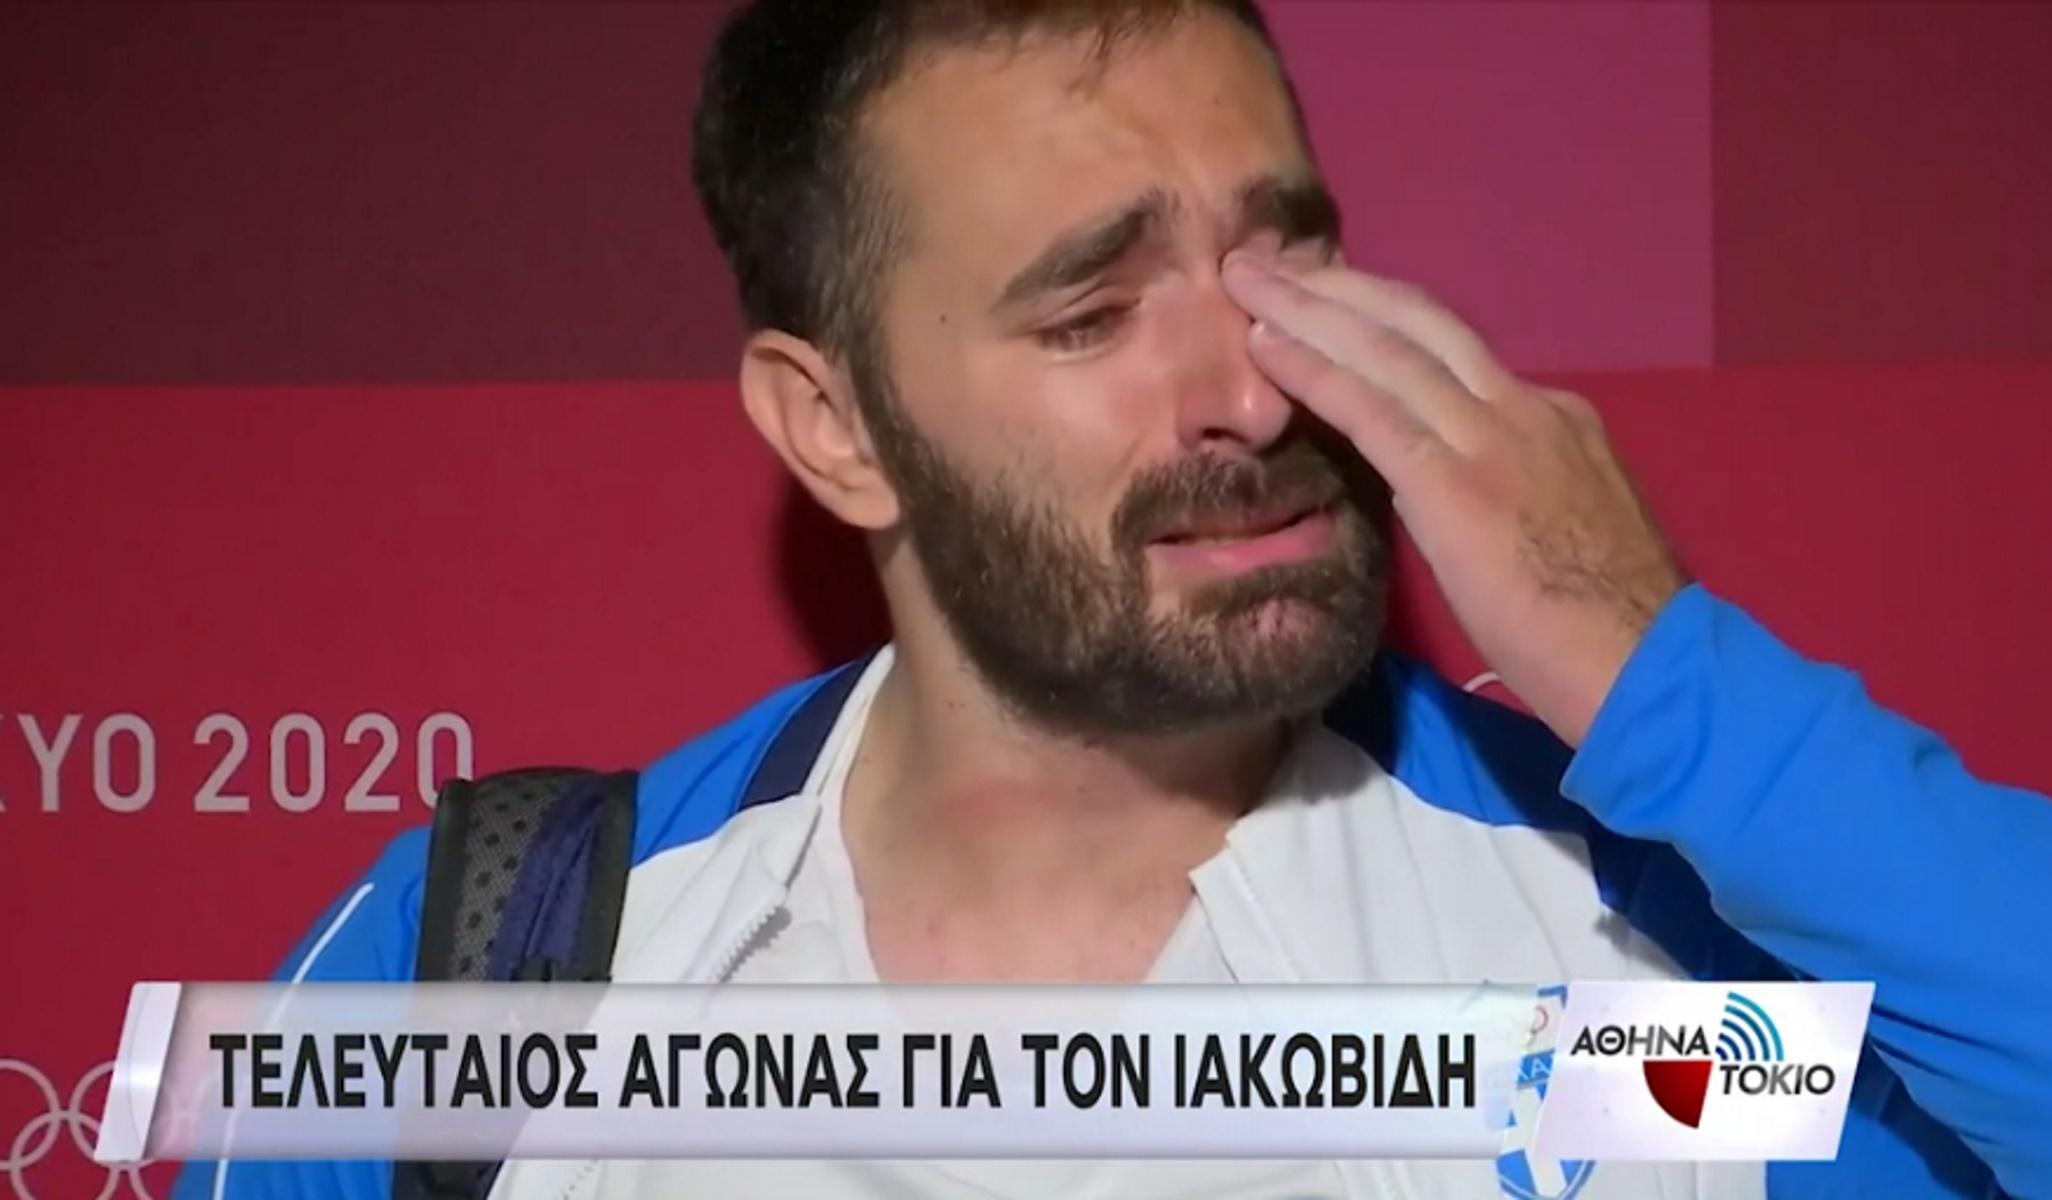 Συγκίνησε ο Θεόδωρος Ιακωβίδης – Ανακοίνωσε με δάκρυα την αποχώρηση του από την Άρση Βαρών